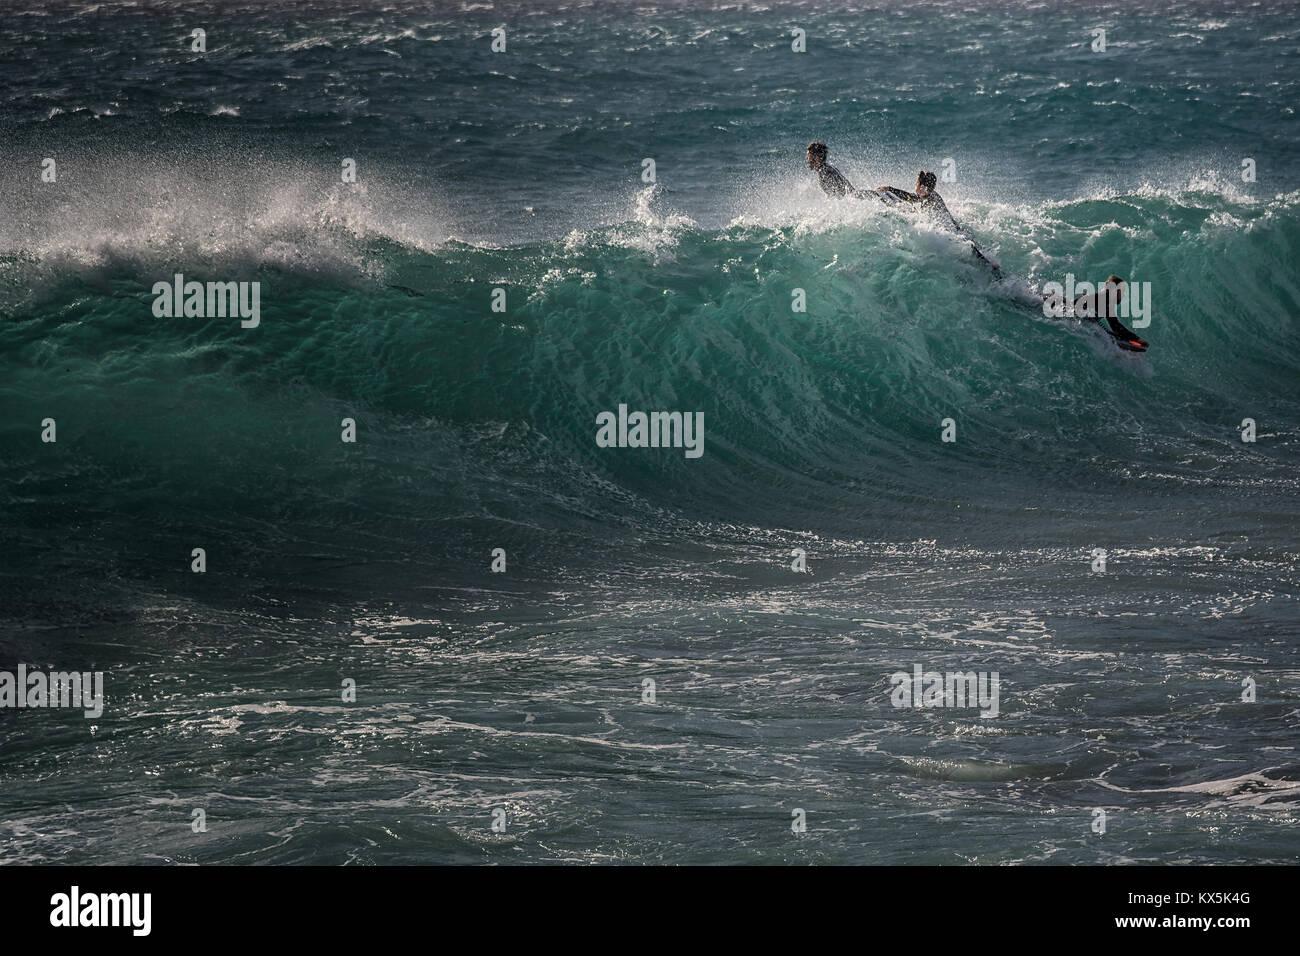 Drei junge Männer in Neoprenanzügen, stand Surfbrettern kämpfen gegen die Welle an der Küste Stockbild